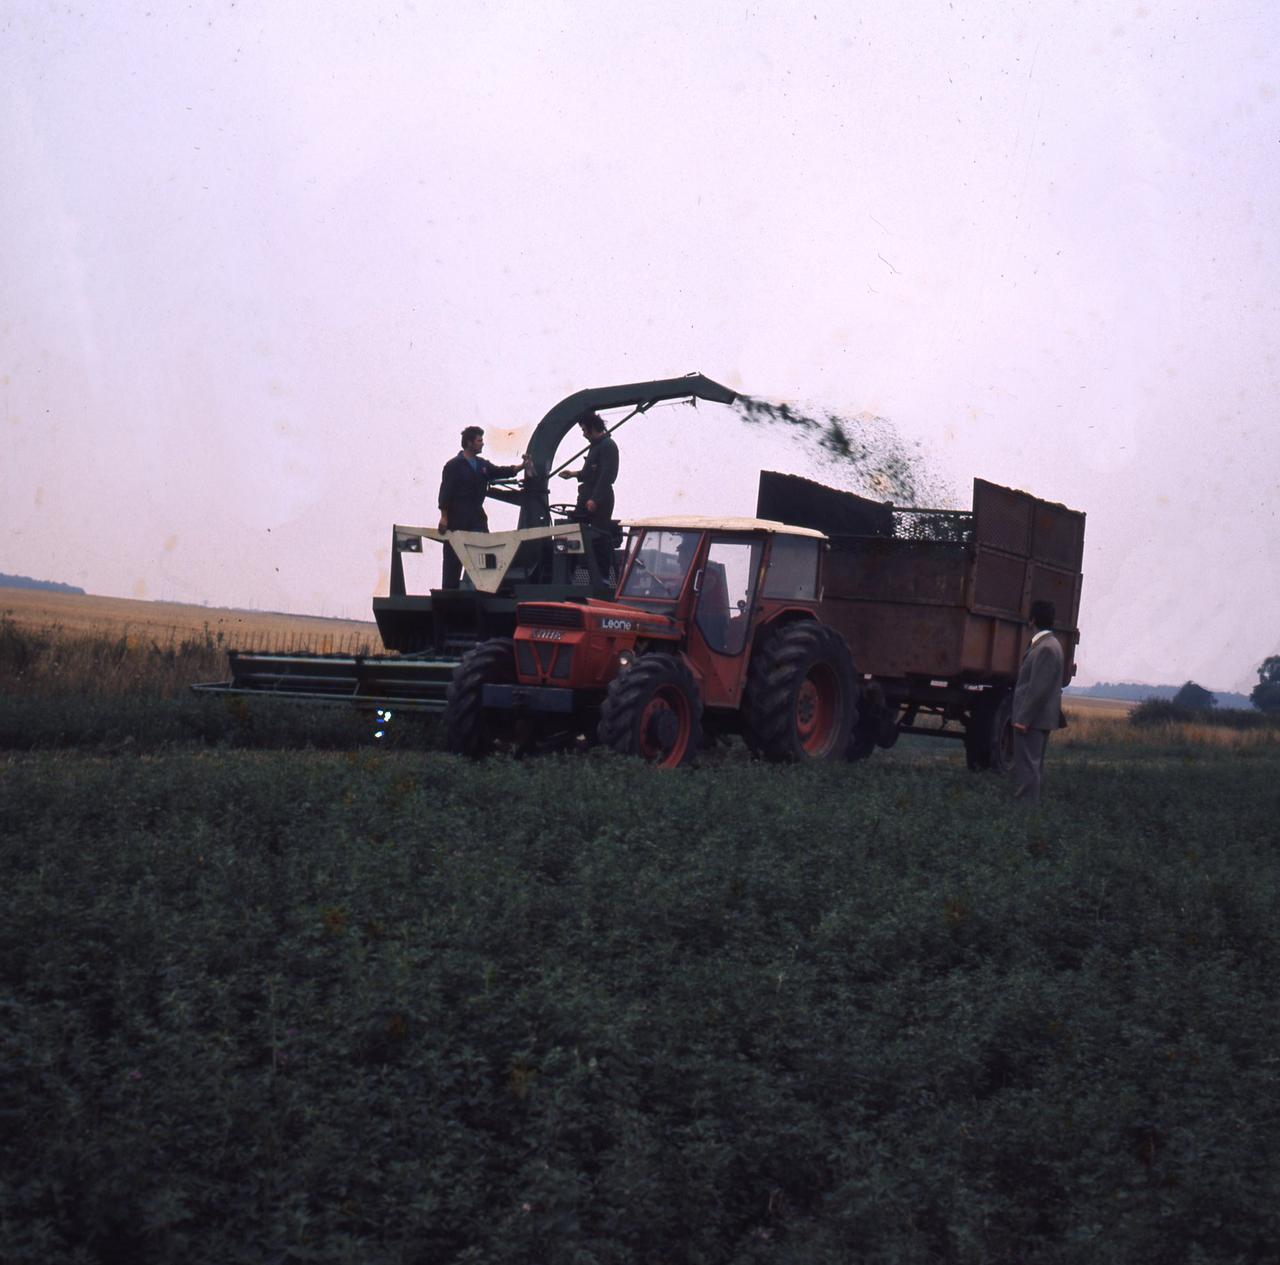 [SAME] trattore Leone al lavoro